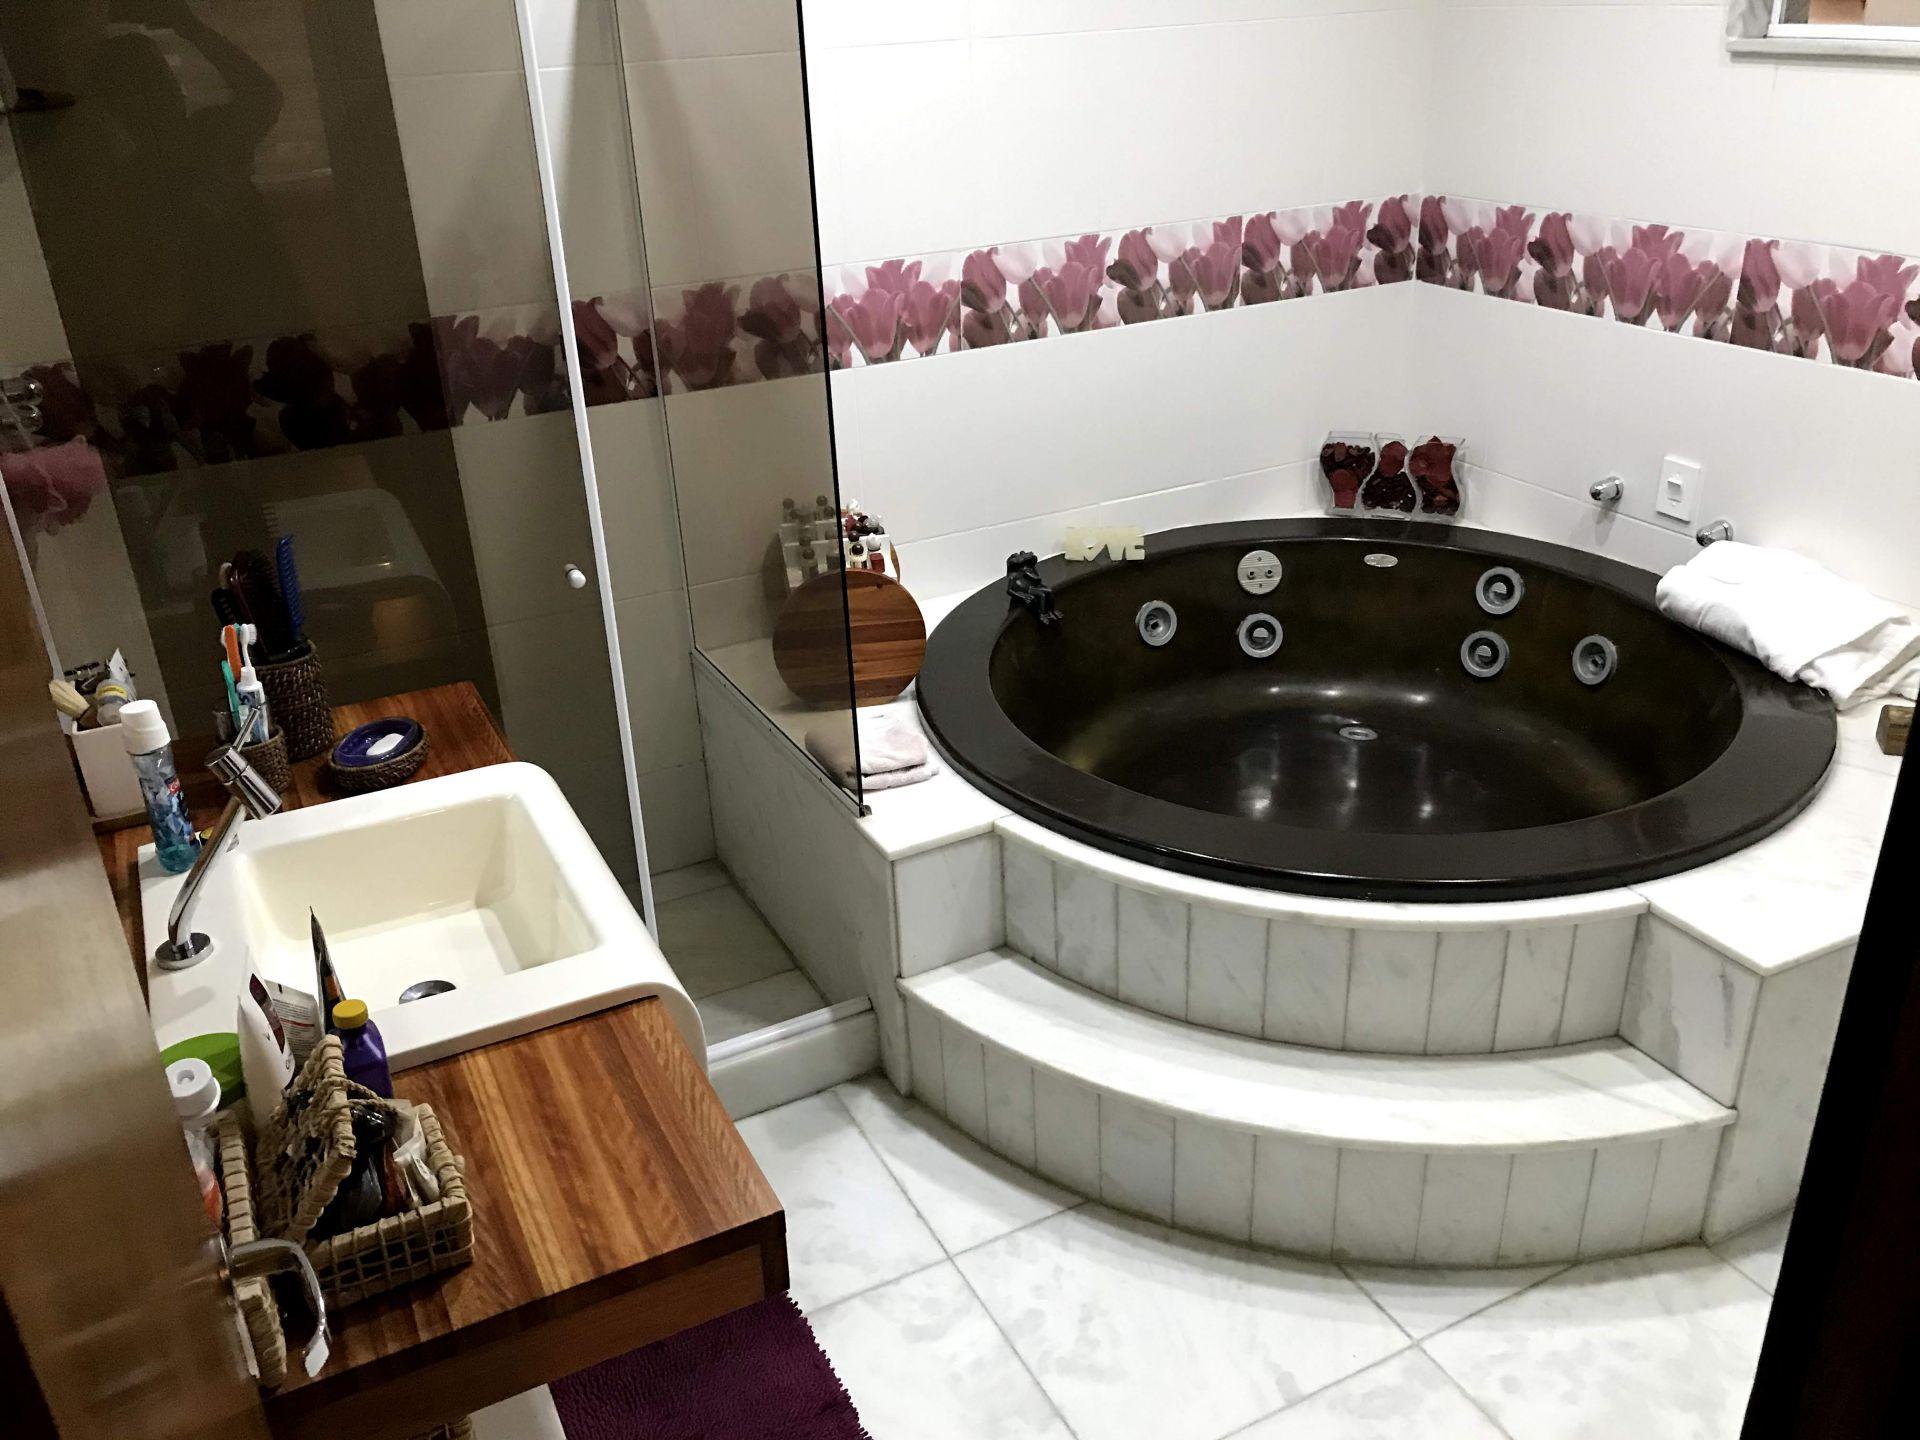 FOTO 9 - Casa em Condomínio à venda Rua Rosário Oeste,Vila Valqueire, Rio de Janeiro - R$ 1.500.000 - RF257 - 10